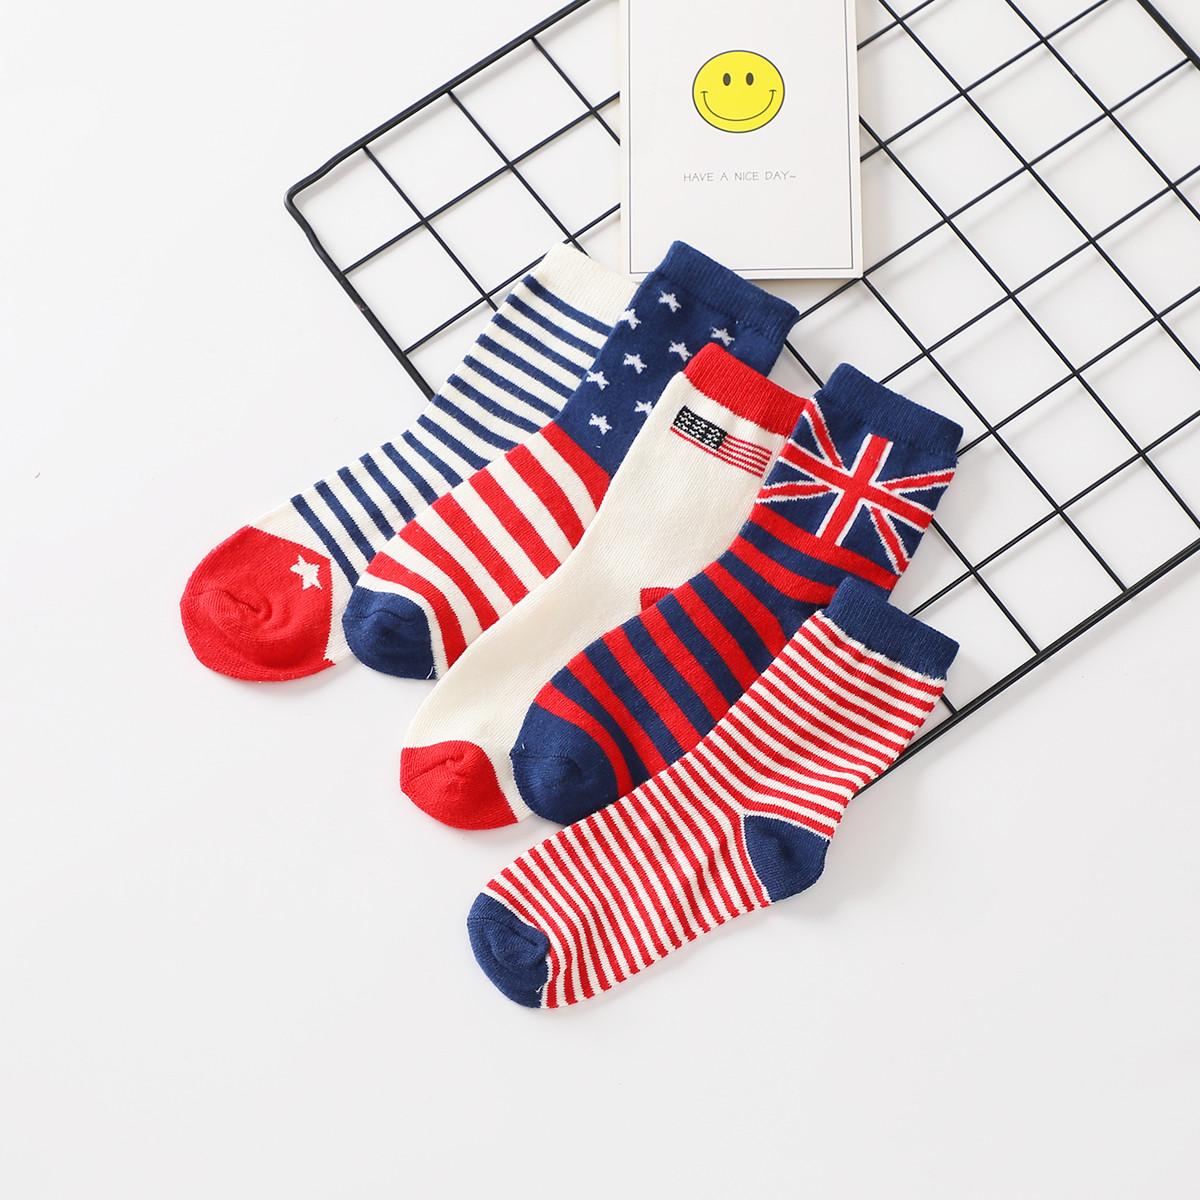 红豆居家红豆居家秋冬新款厚款舒适透气中大童袜男童袜子5双礼盒装T9W503WQQJAZ11